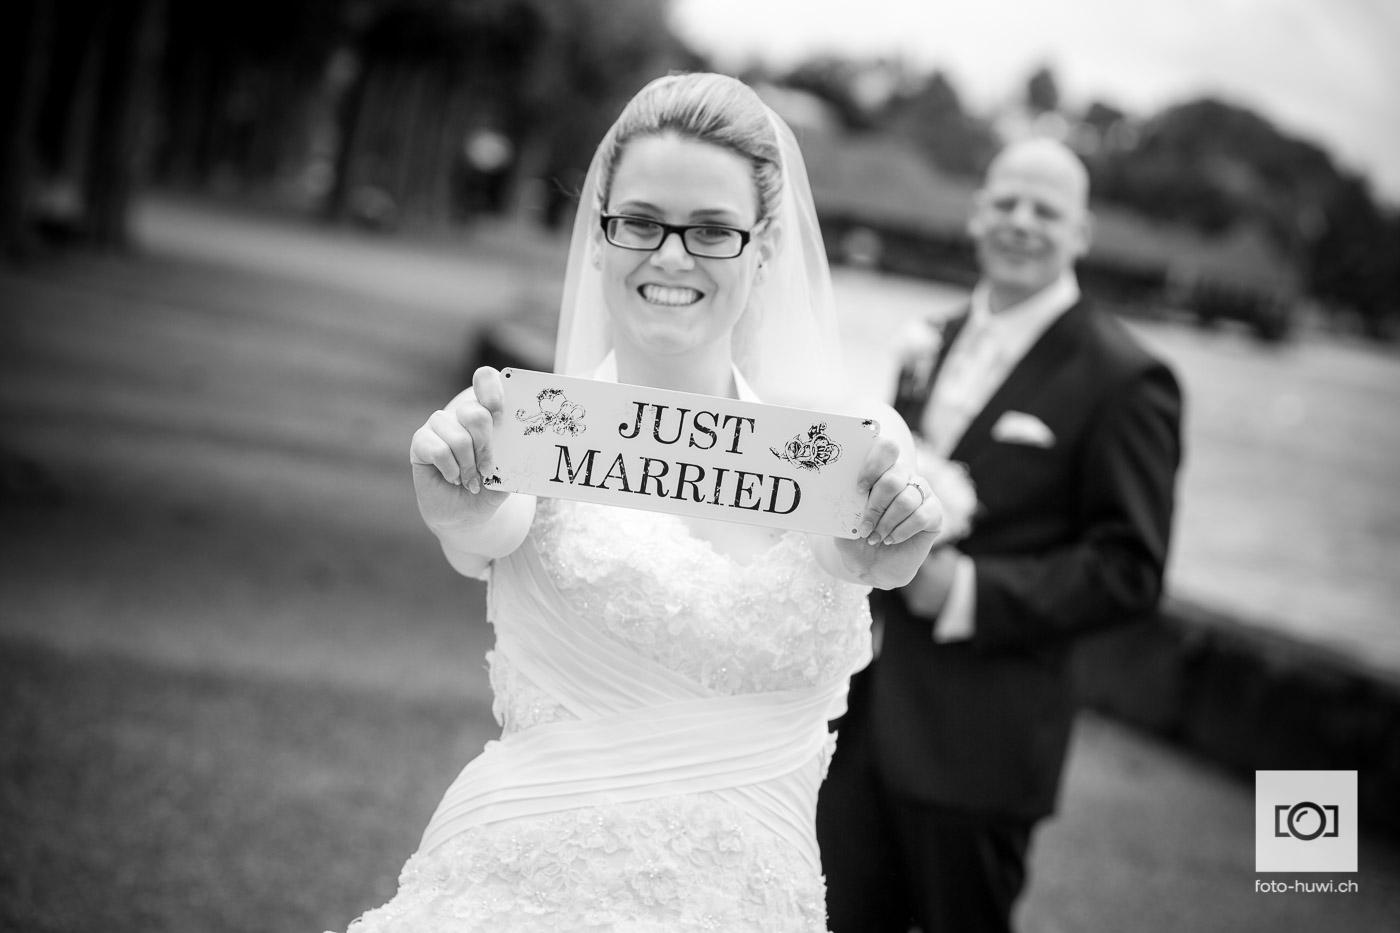 Steiif und Reto - Hochzeitsfotografie von foto-huwi.ch